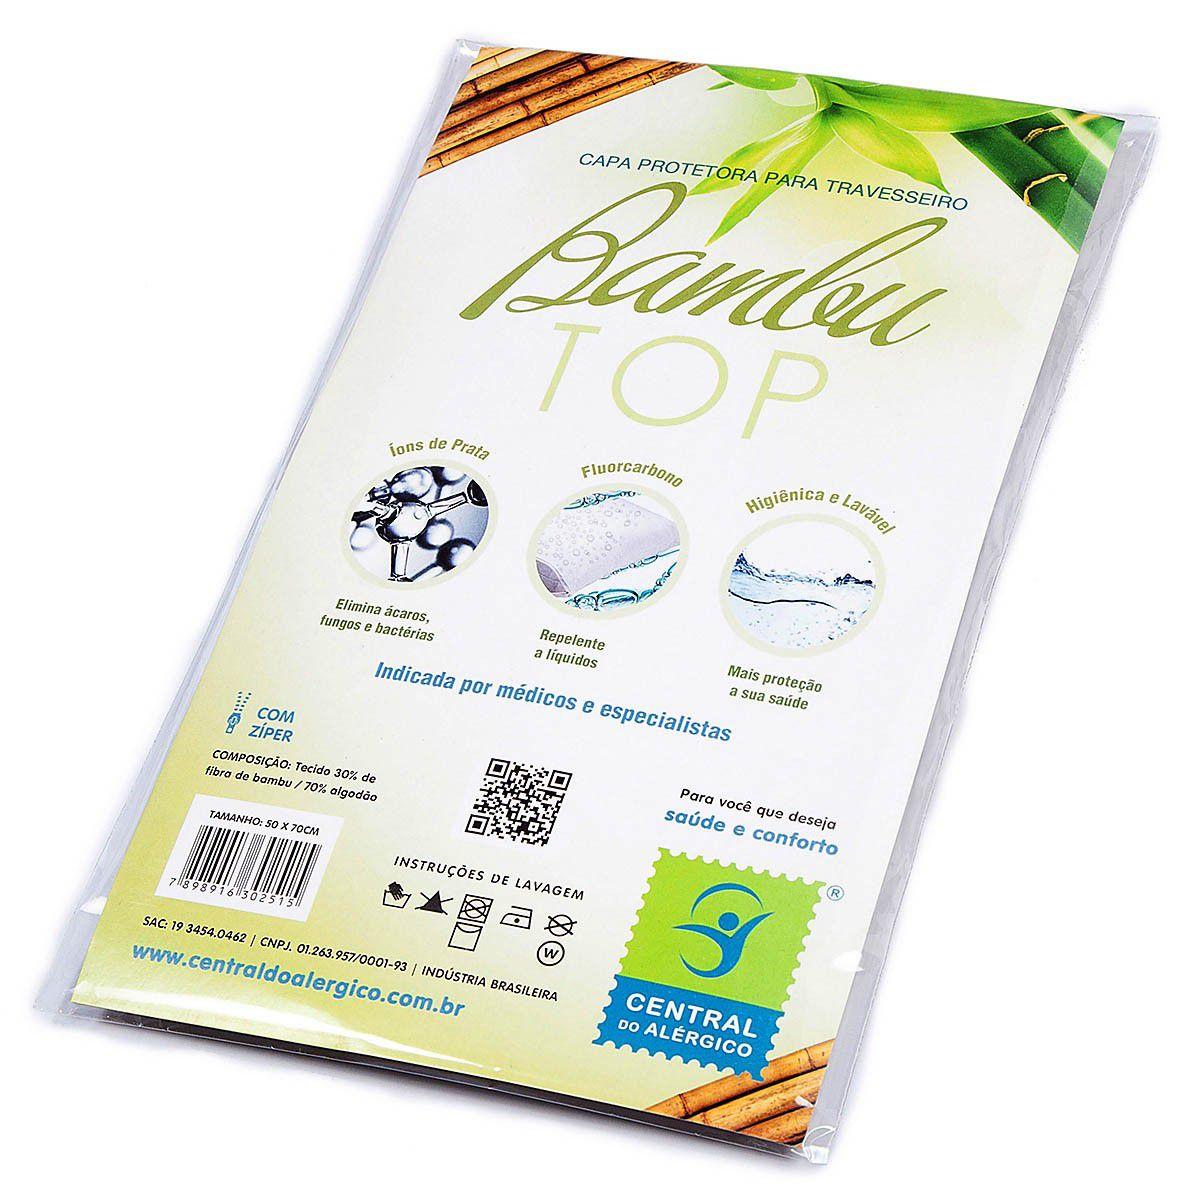 Capa antialérgica para travesseiro adulto confeccionada em tecido com fibra de bambu - Linha Bambu Top - Fechamento c/zíper